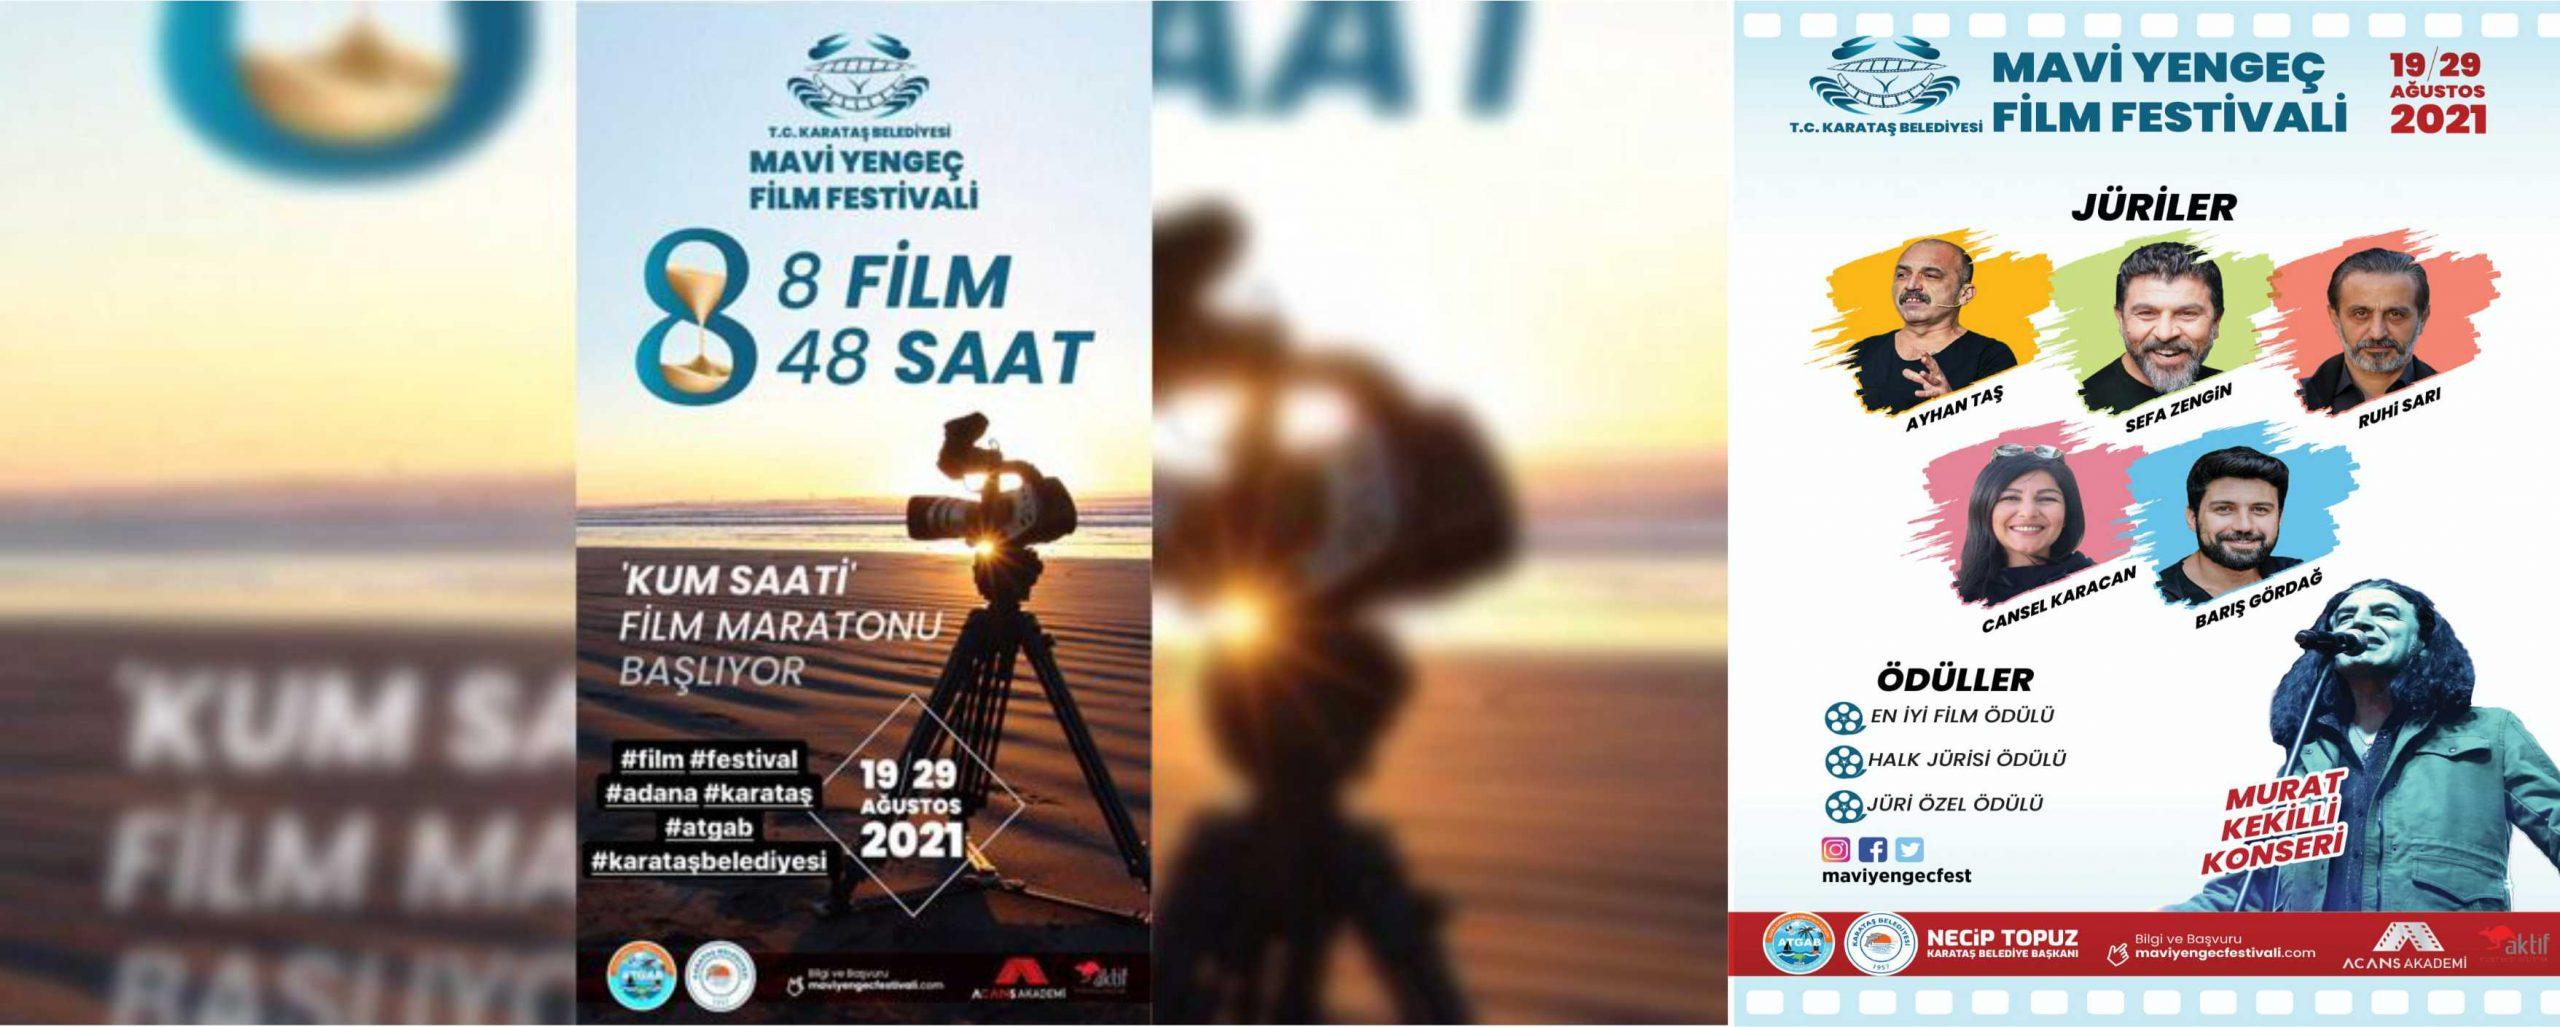 Karataş Belediyesi 1. Ulusal Mavi Yengeç Kısa Film Festivali Başlıyor.